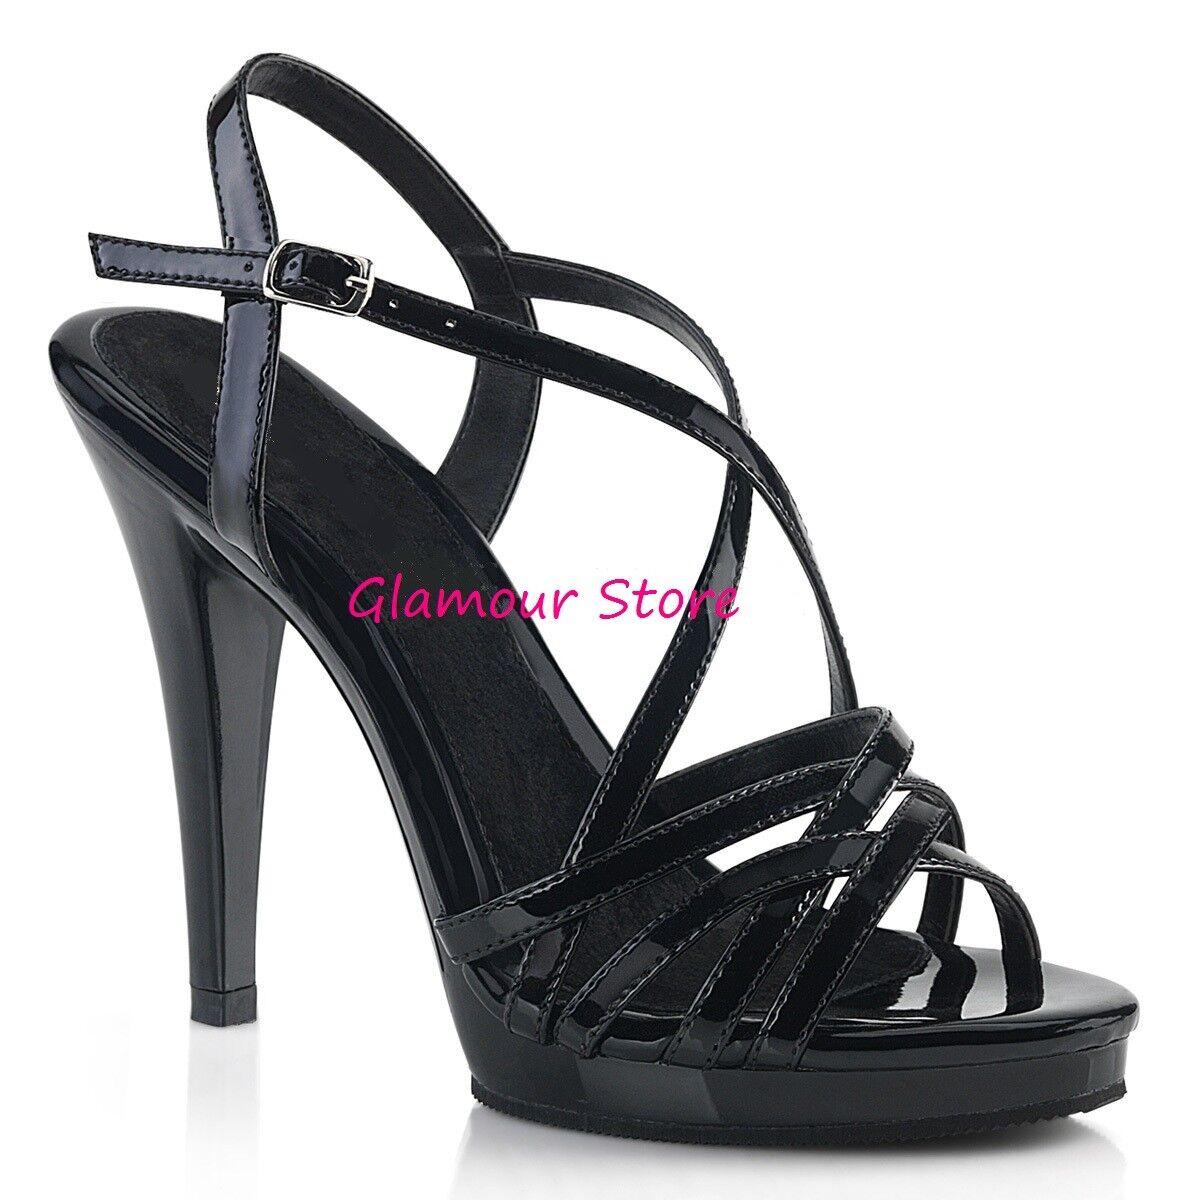 Sexy SANDALI tacco 11,5 in 2 CouleurI plateau cinturino noir noir noir e NUDO chaussures GLAMOUR 932ca4